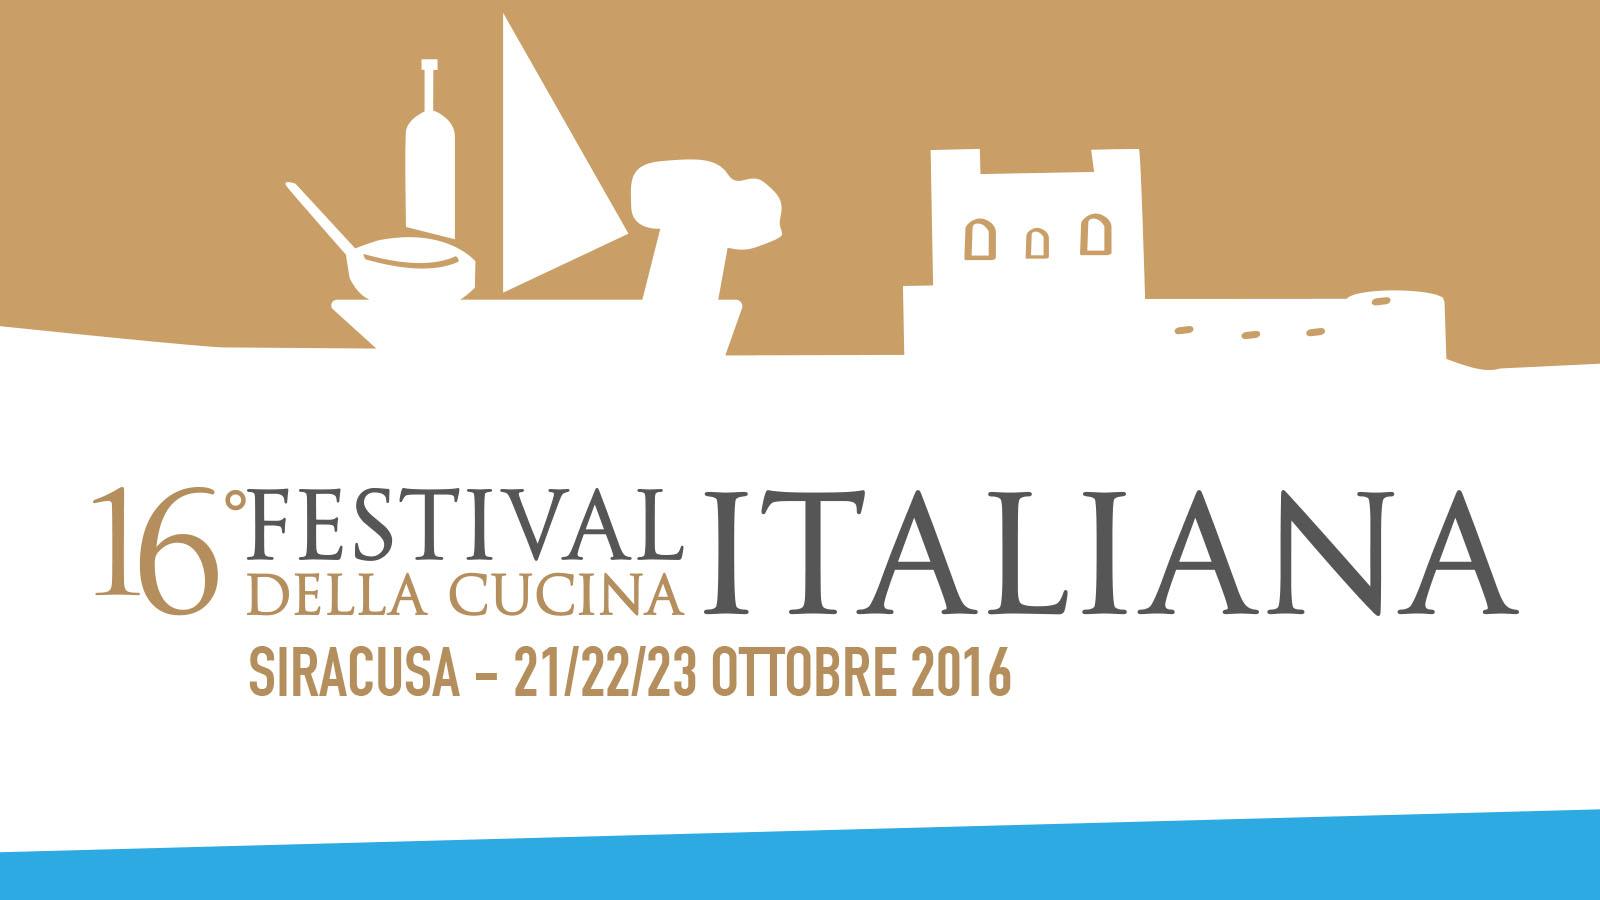 Il Programma del Festival - 16° Festival della Cucina Italiana a Siracusa